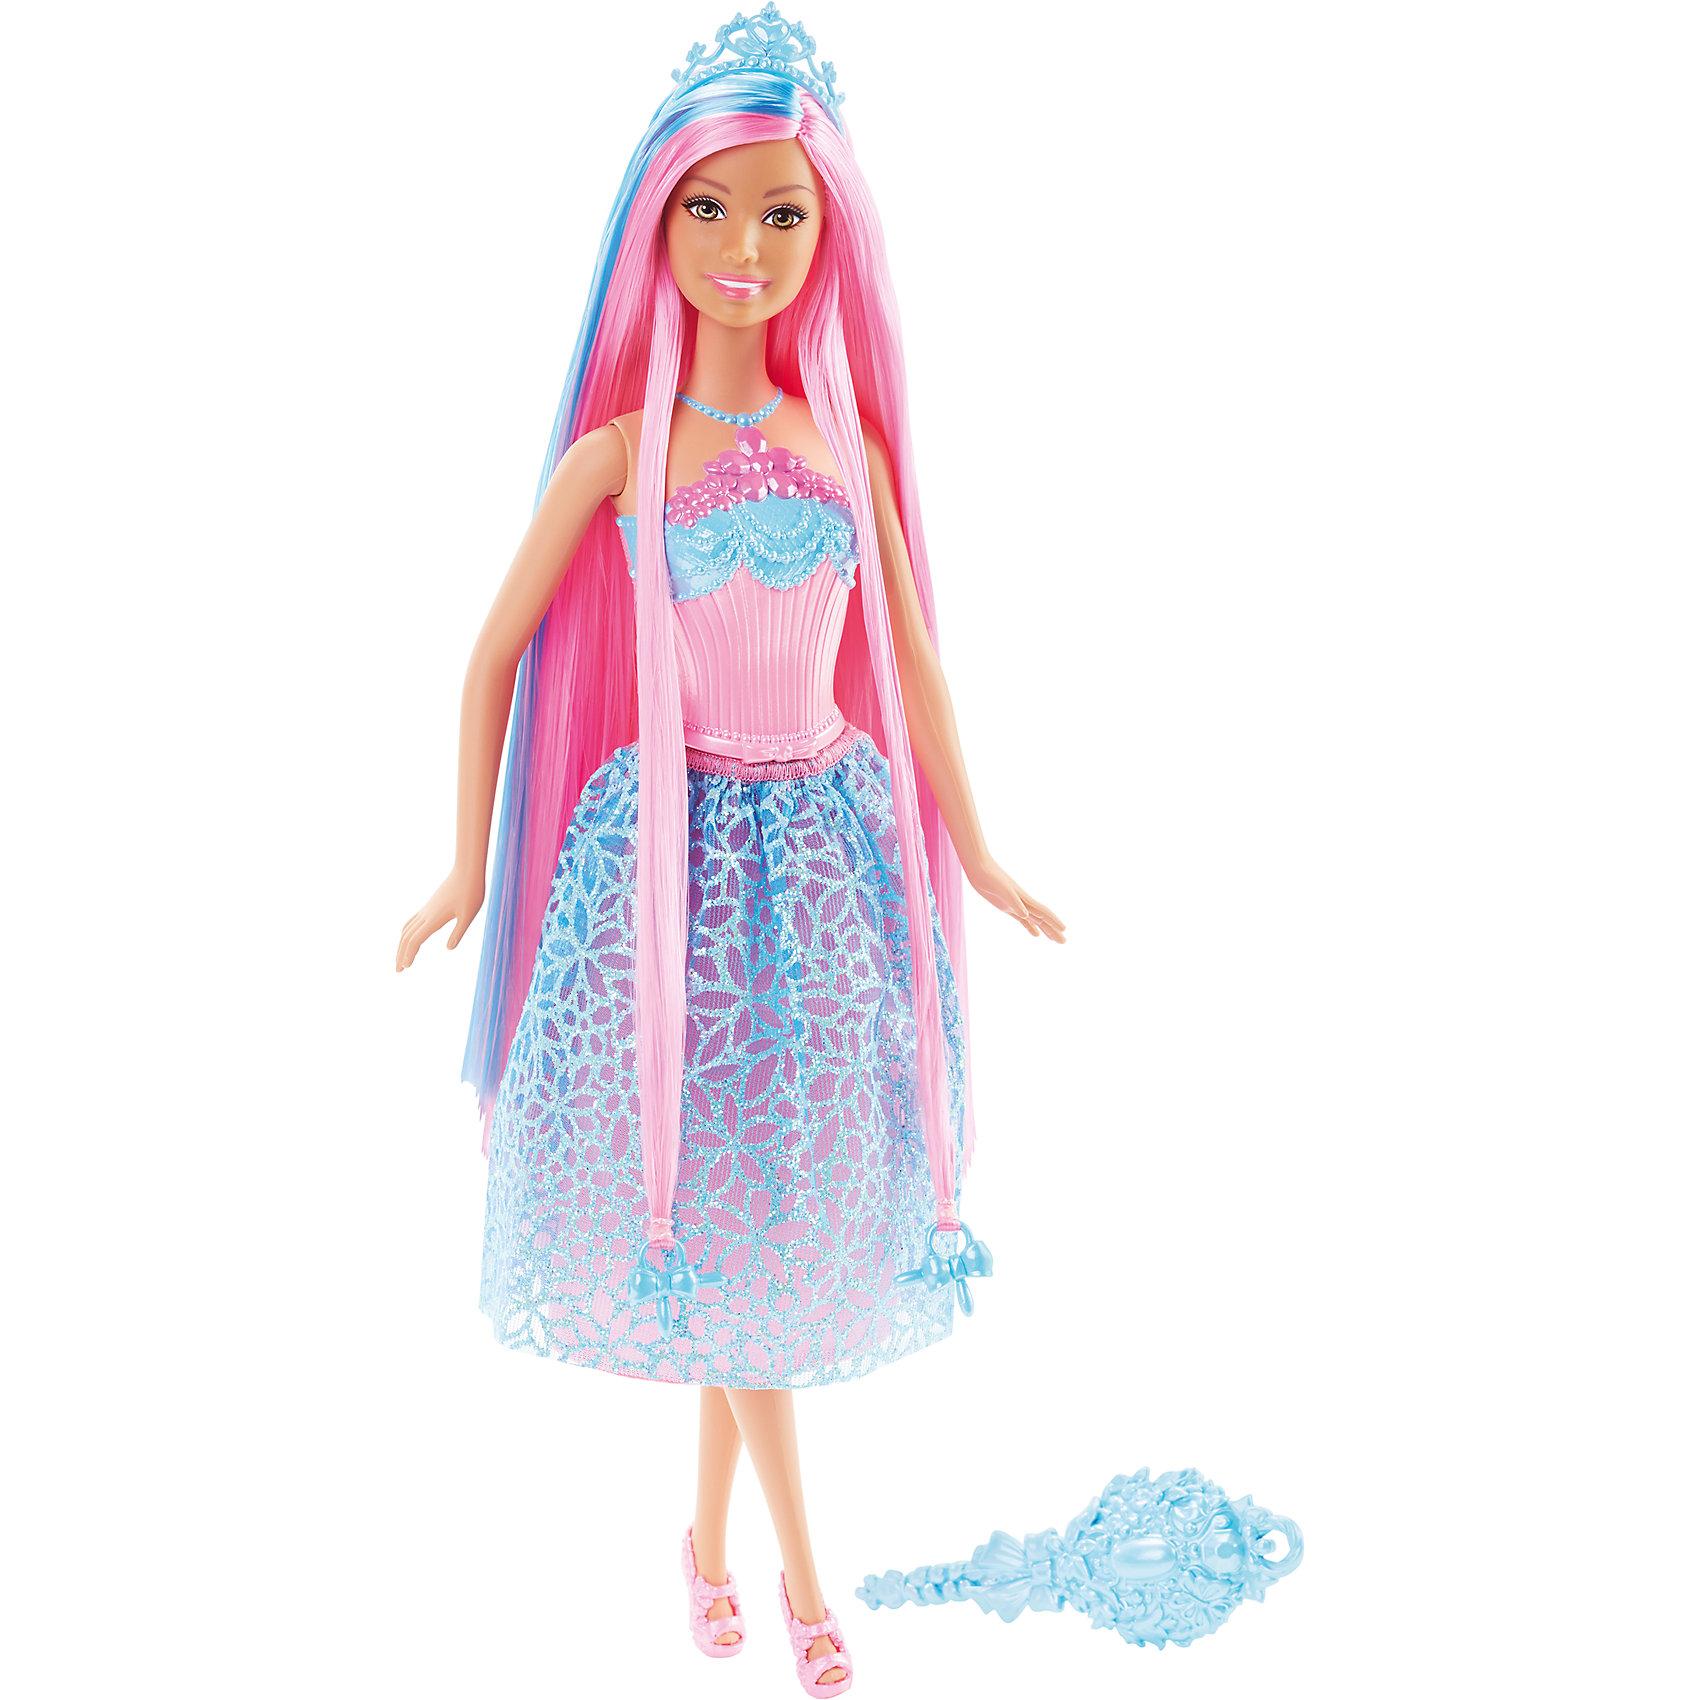 Кукла Принцесса с розовыми волосами, BarbieВне категории Kerstin - Девочки<br>Кукла Принцесса с розовыми волосами, Barbie, порадует всех юных любительниц Барби и станет достойным пополнением их коллекции. На этот раз красавица Барби представлена в образе очаровательной принцессы в роскошном наряде. У куколки длинные розовые локоны длиной 20 см. с голубыми прядками, которые можно укладывать в разнообразные прически. Чудесное платье с голубой юбкой в цветочек и розовым лифом декорировано розовым пояском и нарядной вышивкой. Стильный образ дополняют изящные розовые босоножки и красивая голубая диадема. Тело куколки на шарнирах, ноги и руки сгибаются и разгибаются, благодаря чему она может принимать различные положения. В комплект также входит расческа и два украшения-бусинки для волос, подходящие к парикмахерским инструментам Barbie из набора Barbie Snapn Style Princess Doll (продается отдельно).<br><br>Дополнительная информация:<br><br>- Материал: пластик, текстиль.<br>- Высота куклы: 29 см.<br>- Размер упаковки: 12,7 x 6 x 32,4 см.<br>- Вес: 0,24 кг.<br><br>Куклу Принцесса с розовыми волосами, Barbie, Mattel, можно купить в нашем интернет-магазине.<br><br>Ширина мм: 329<br>Глубина мм: 114<br>Высота мм: 58<br>Вес г: 175<br>Возраст от месяцев: 36<br>Возраст до месяцев: 72<br>Пол: Женский<br>Возраст: Детский<br>SKU: 4349940